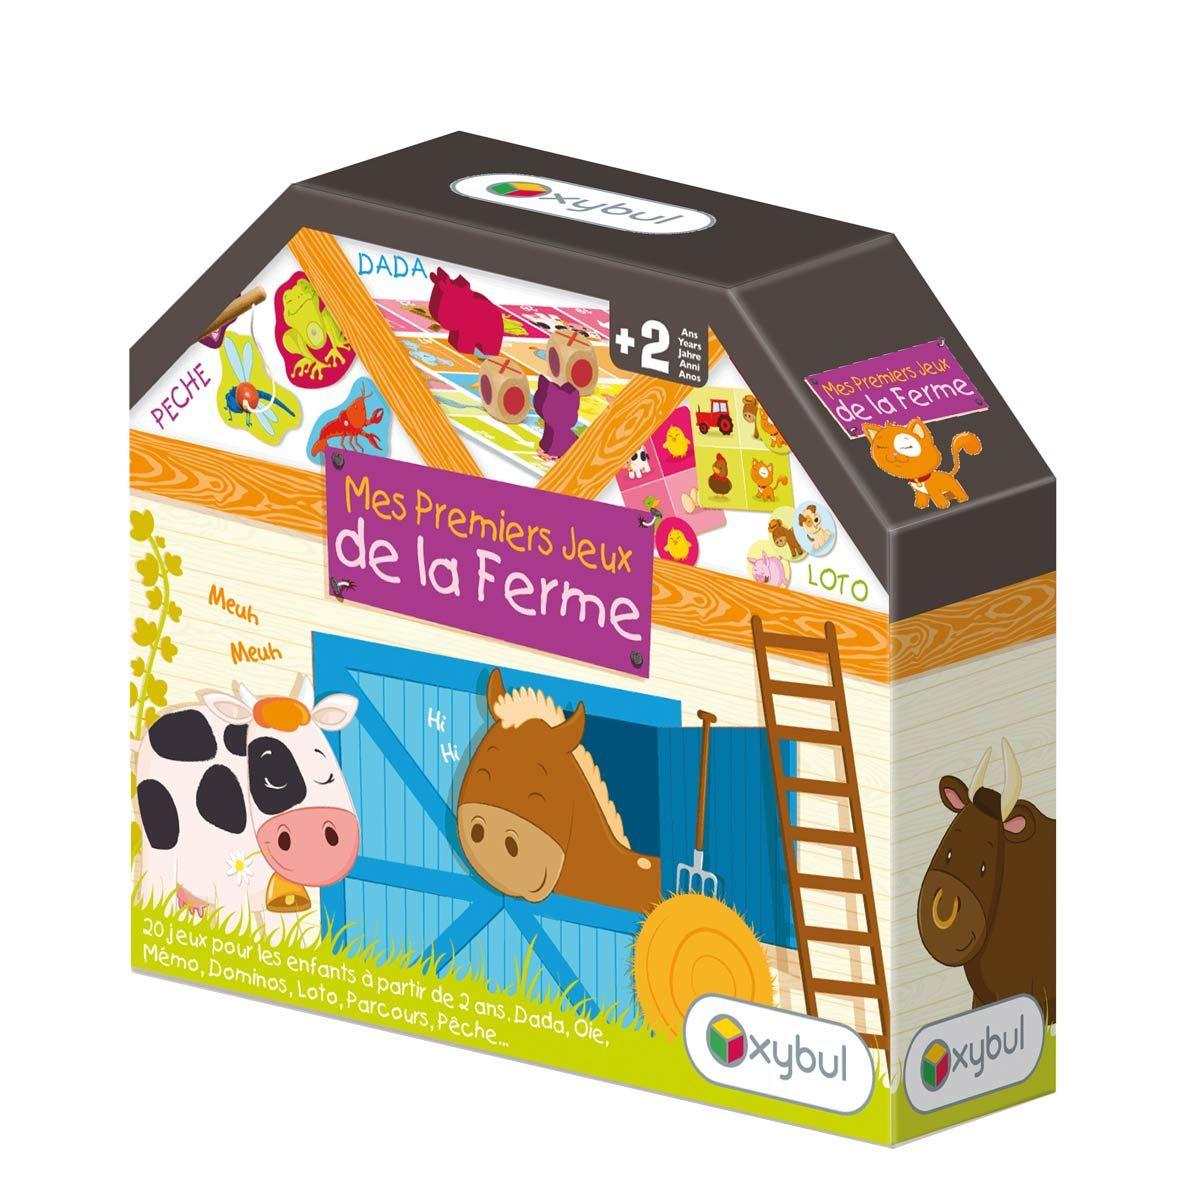 coffret premiers jeux de la ferme oxybul pour enfant de 2 ans 6 ans oxybul veil et jeux. Black Bedroom Furniture Sets. Home Design Ideas